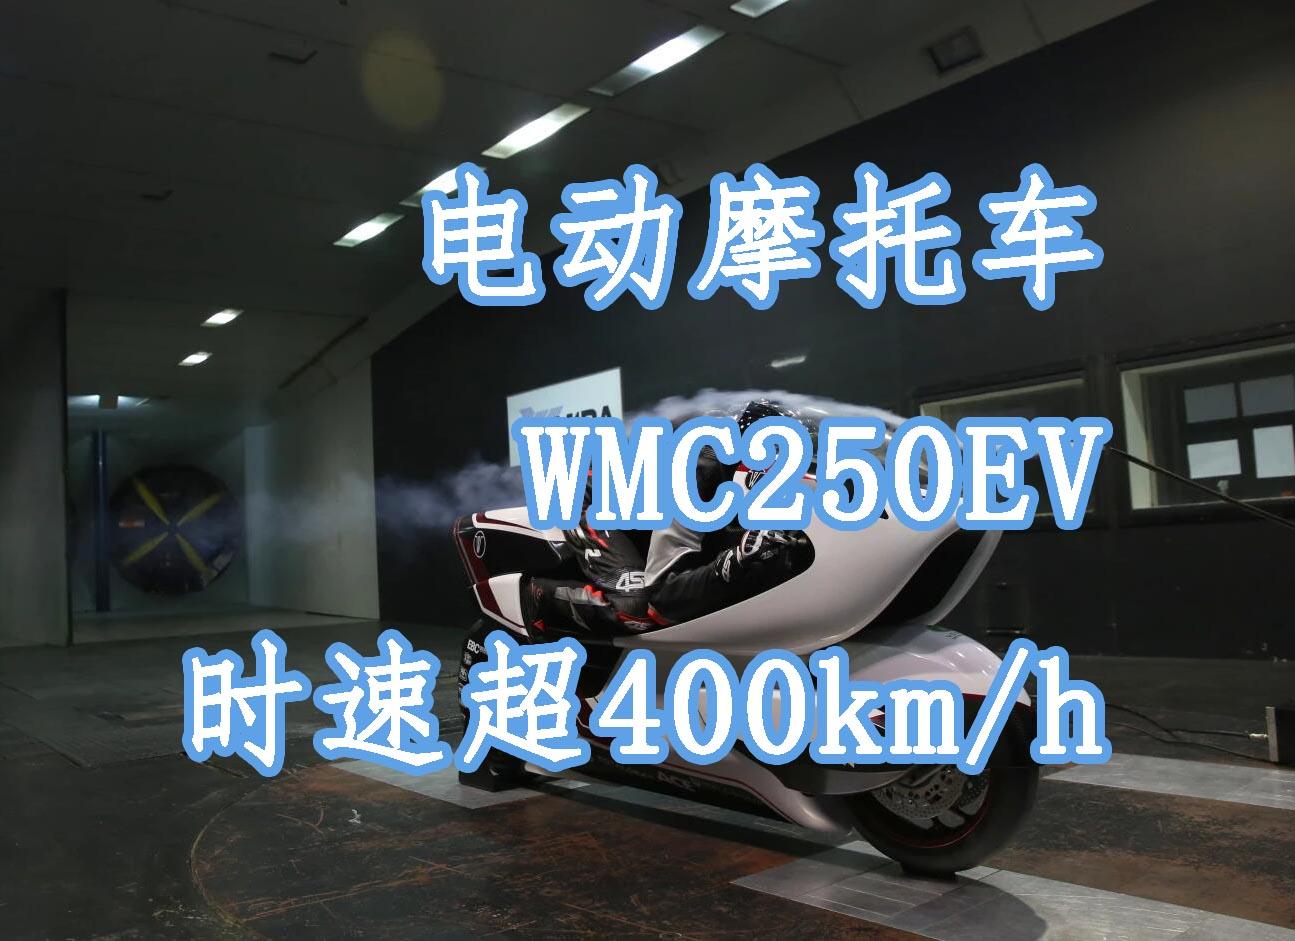 超400km/h電動摩托車WMC250EV!就是這么快